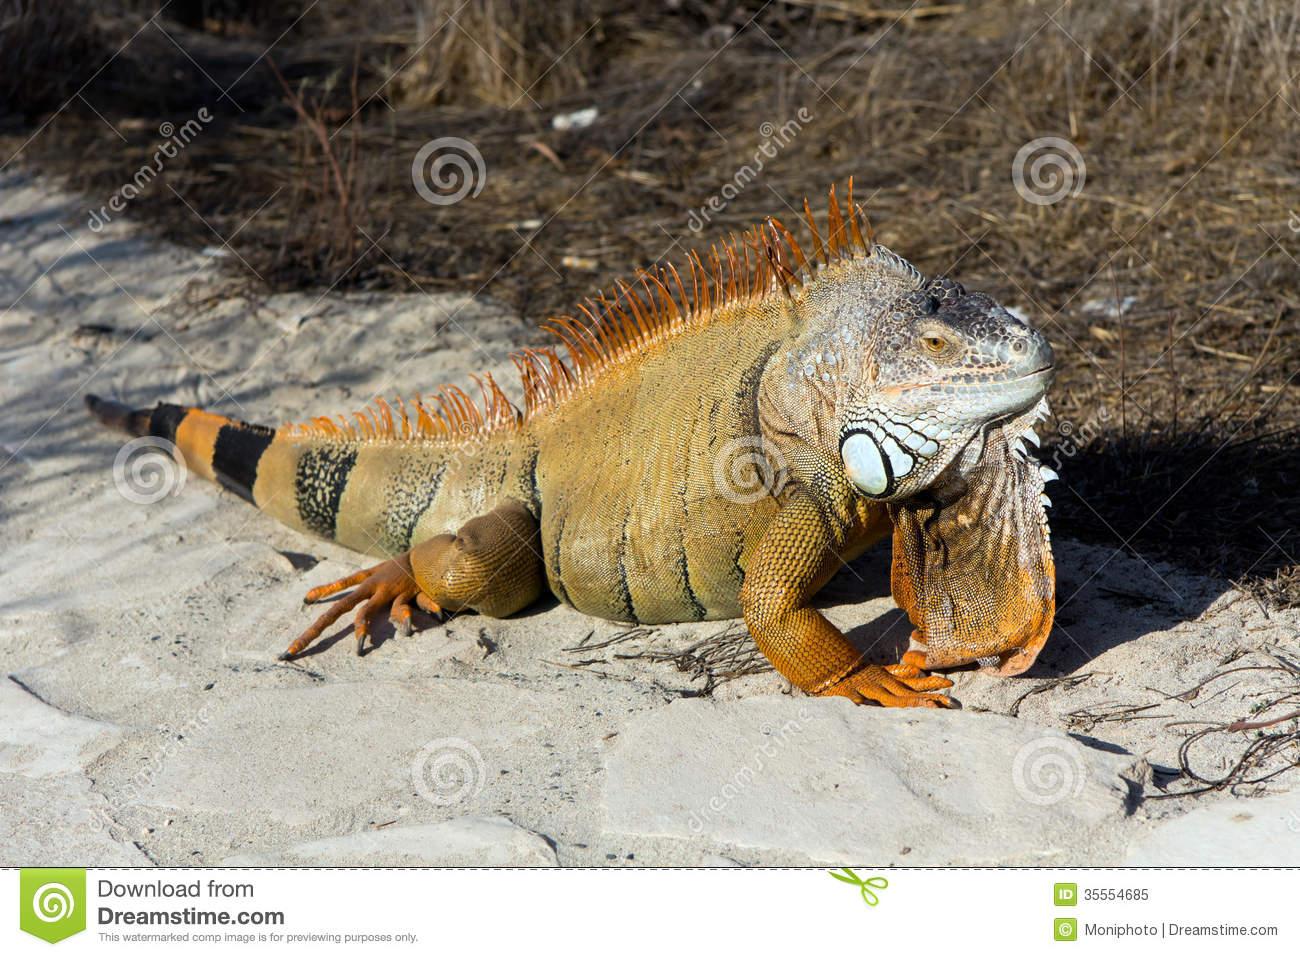 Orange Iguana On The Sand, Island Cyprus Royalty Free Stock Photo.